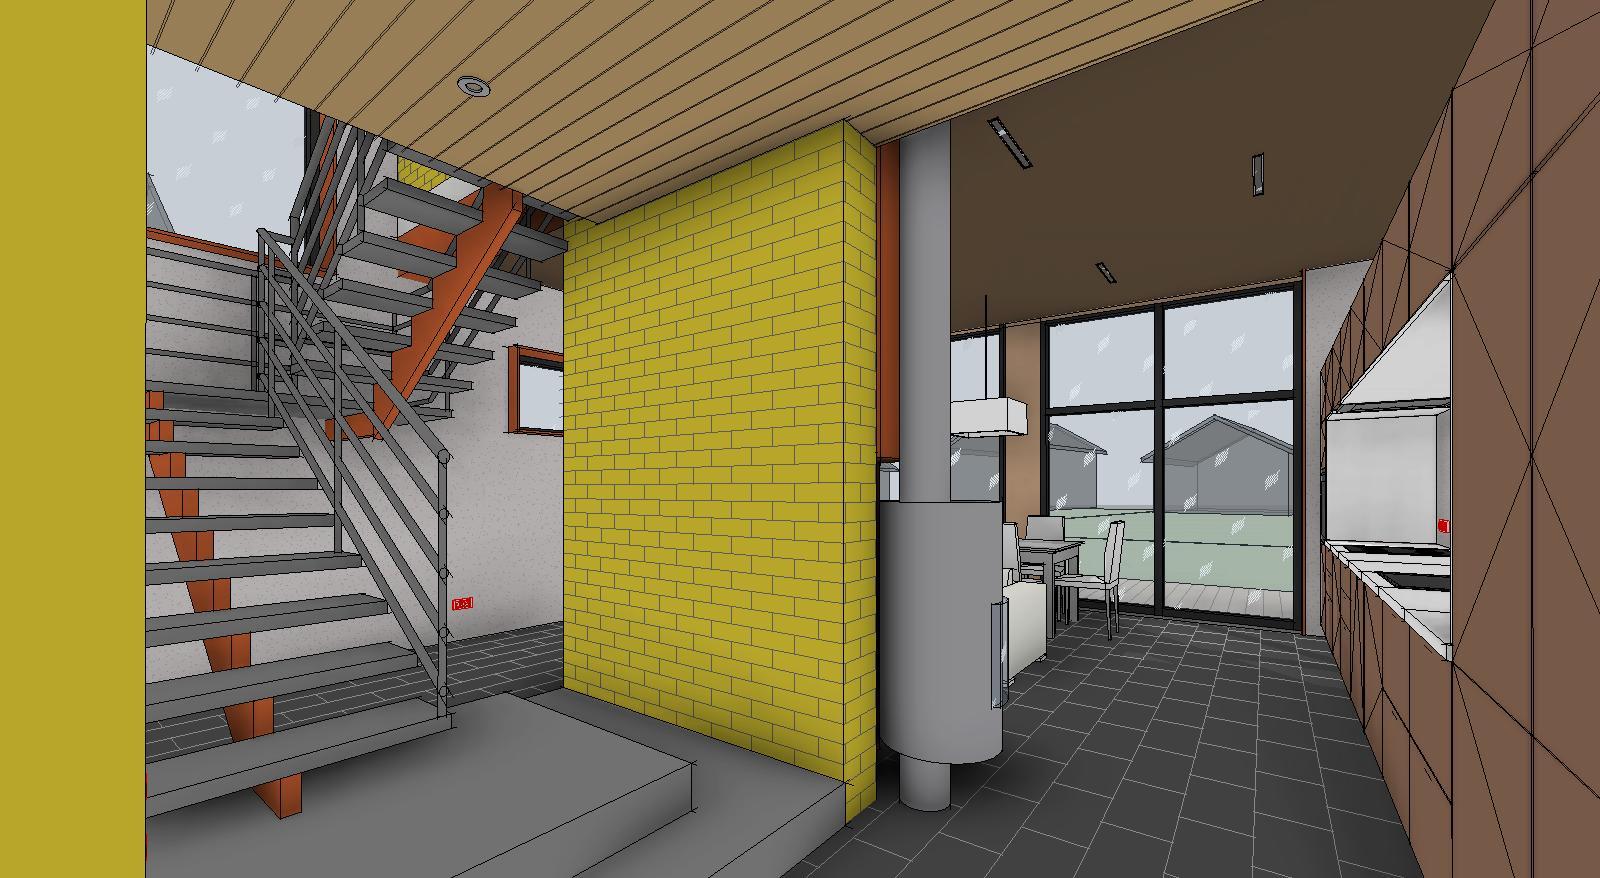 Лестница и кирпичная стена внутри